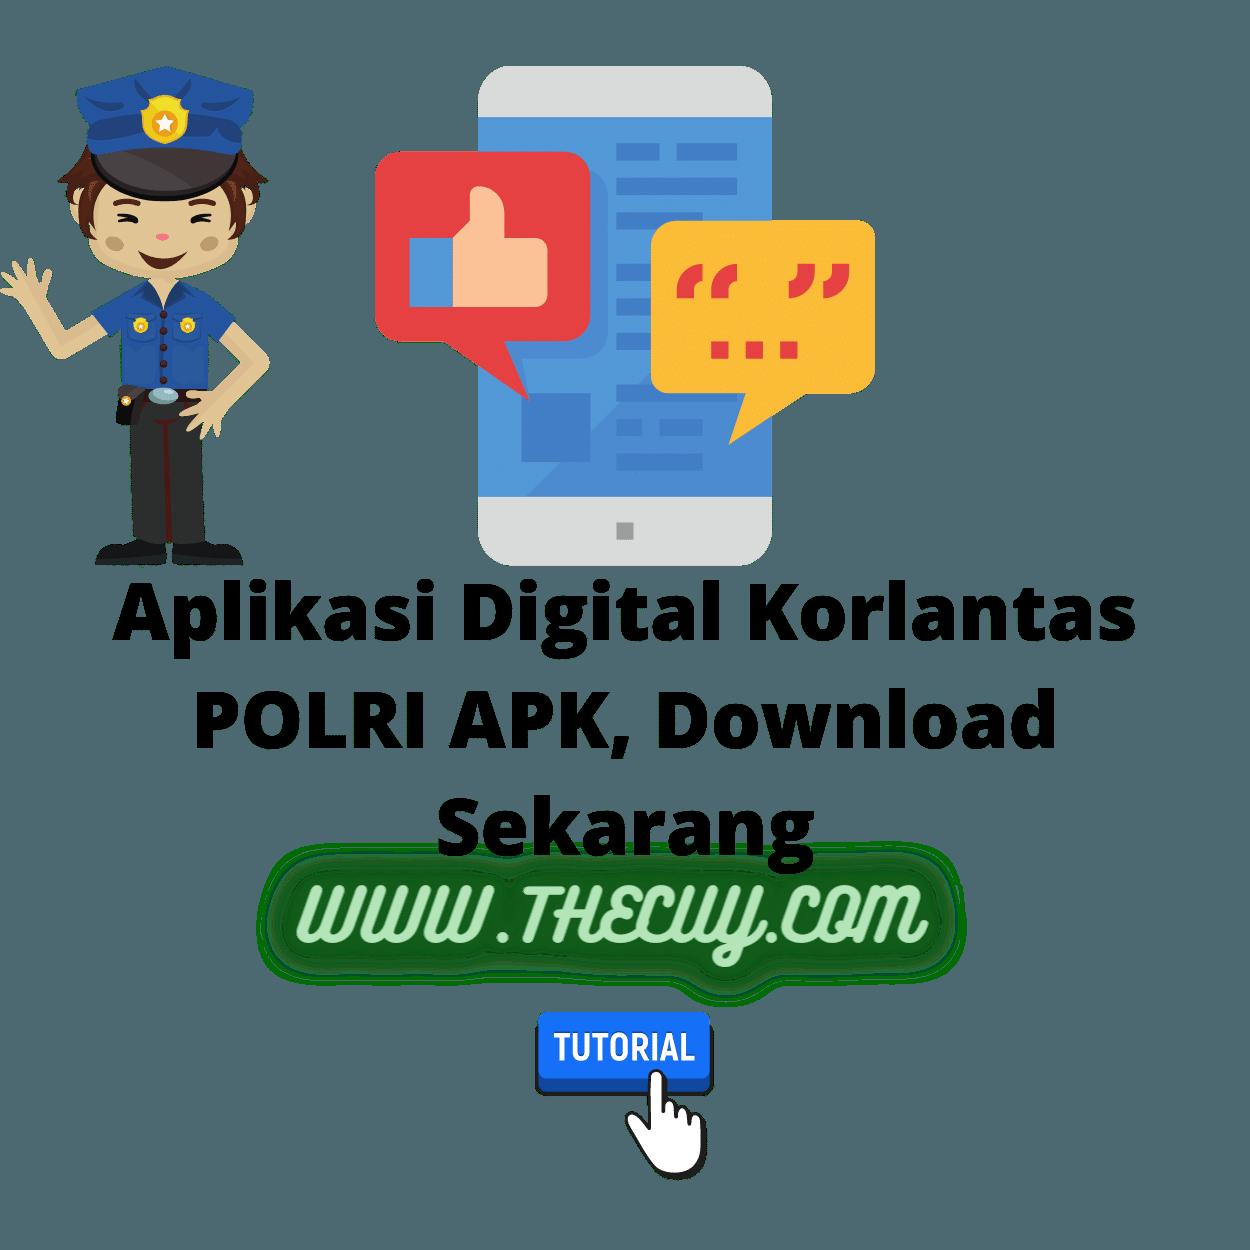 Aplikasi Digital Korlantas POLRI APK, Download Sekarang